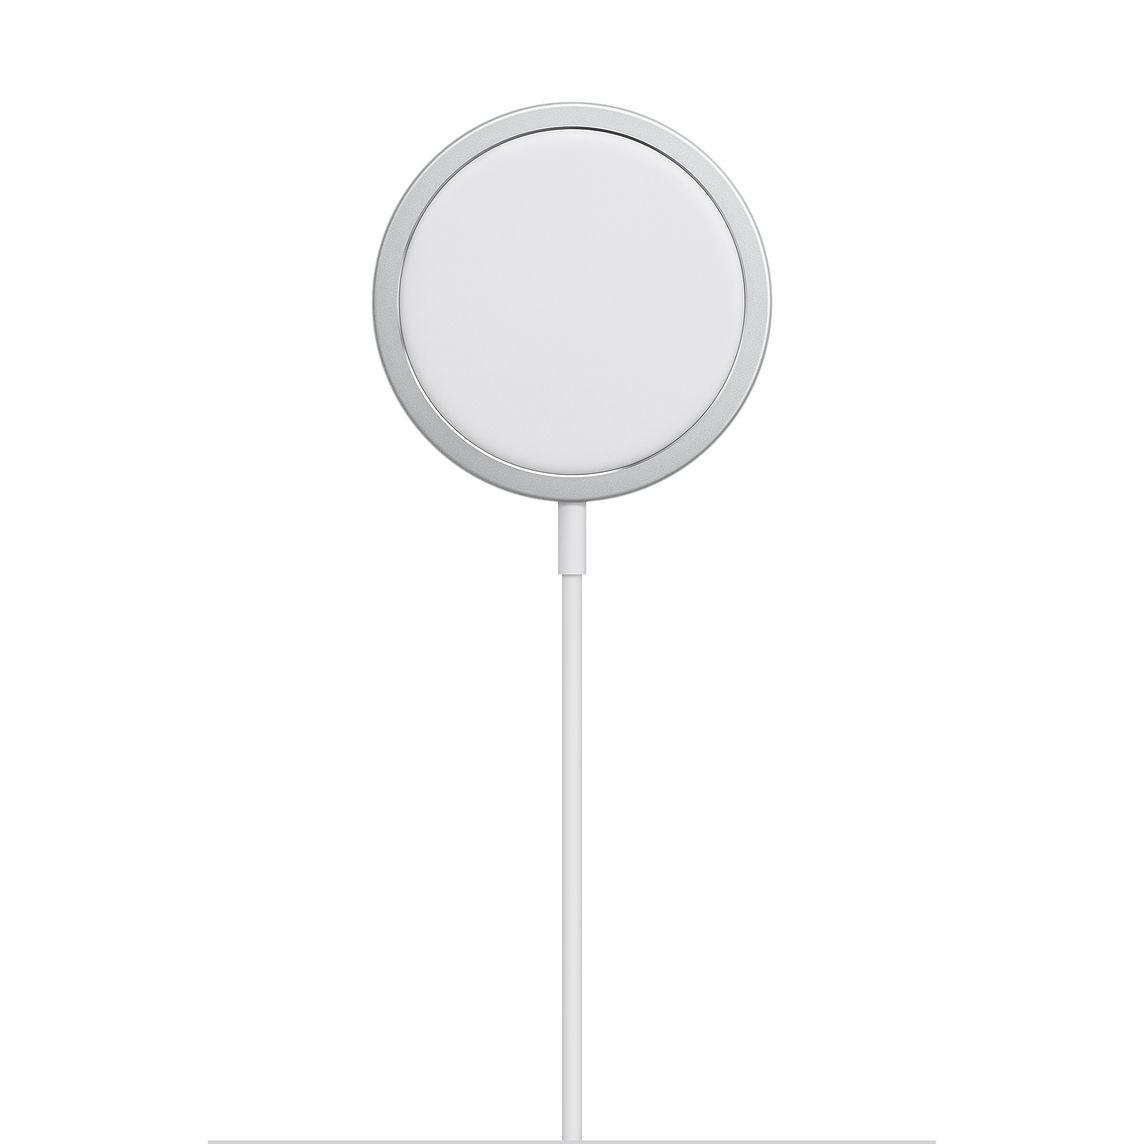 کابل شارژر مگ سیف اپل آیفون Apple iPhone Magsafe Charger